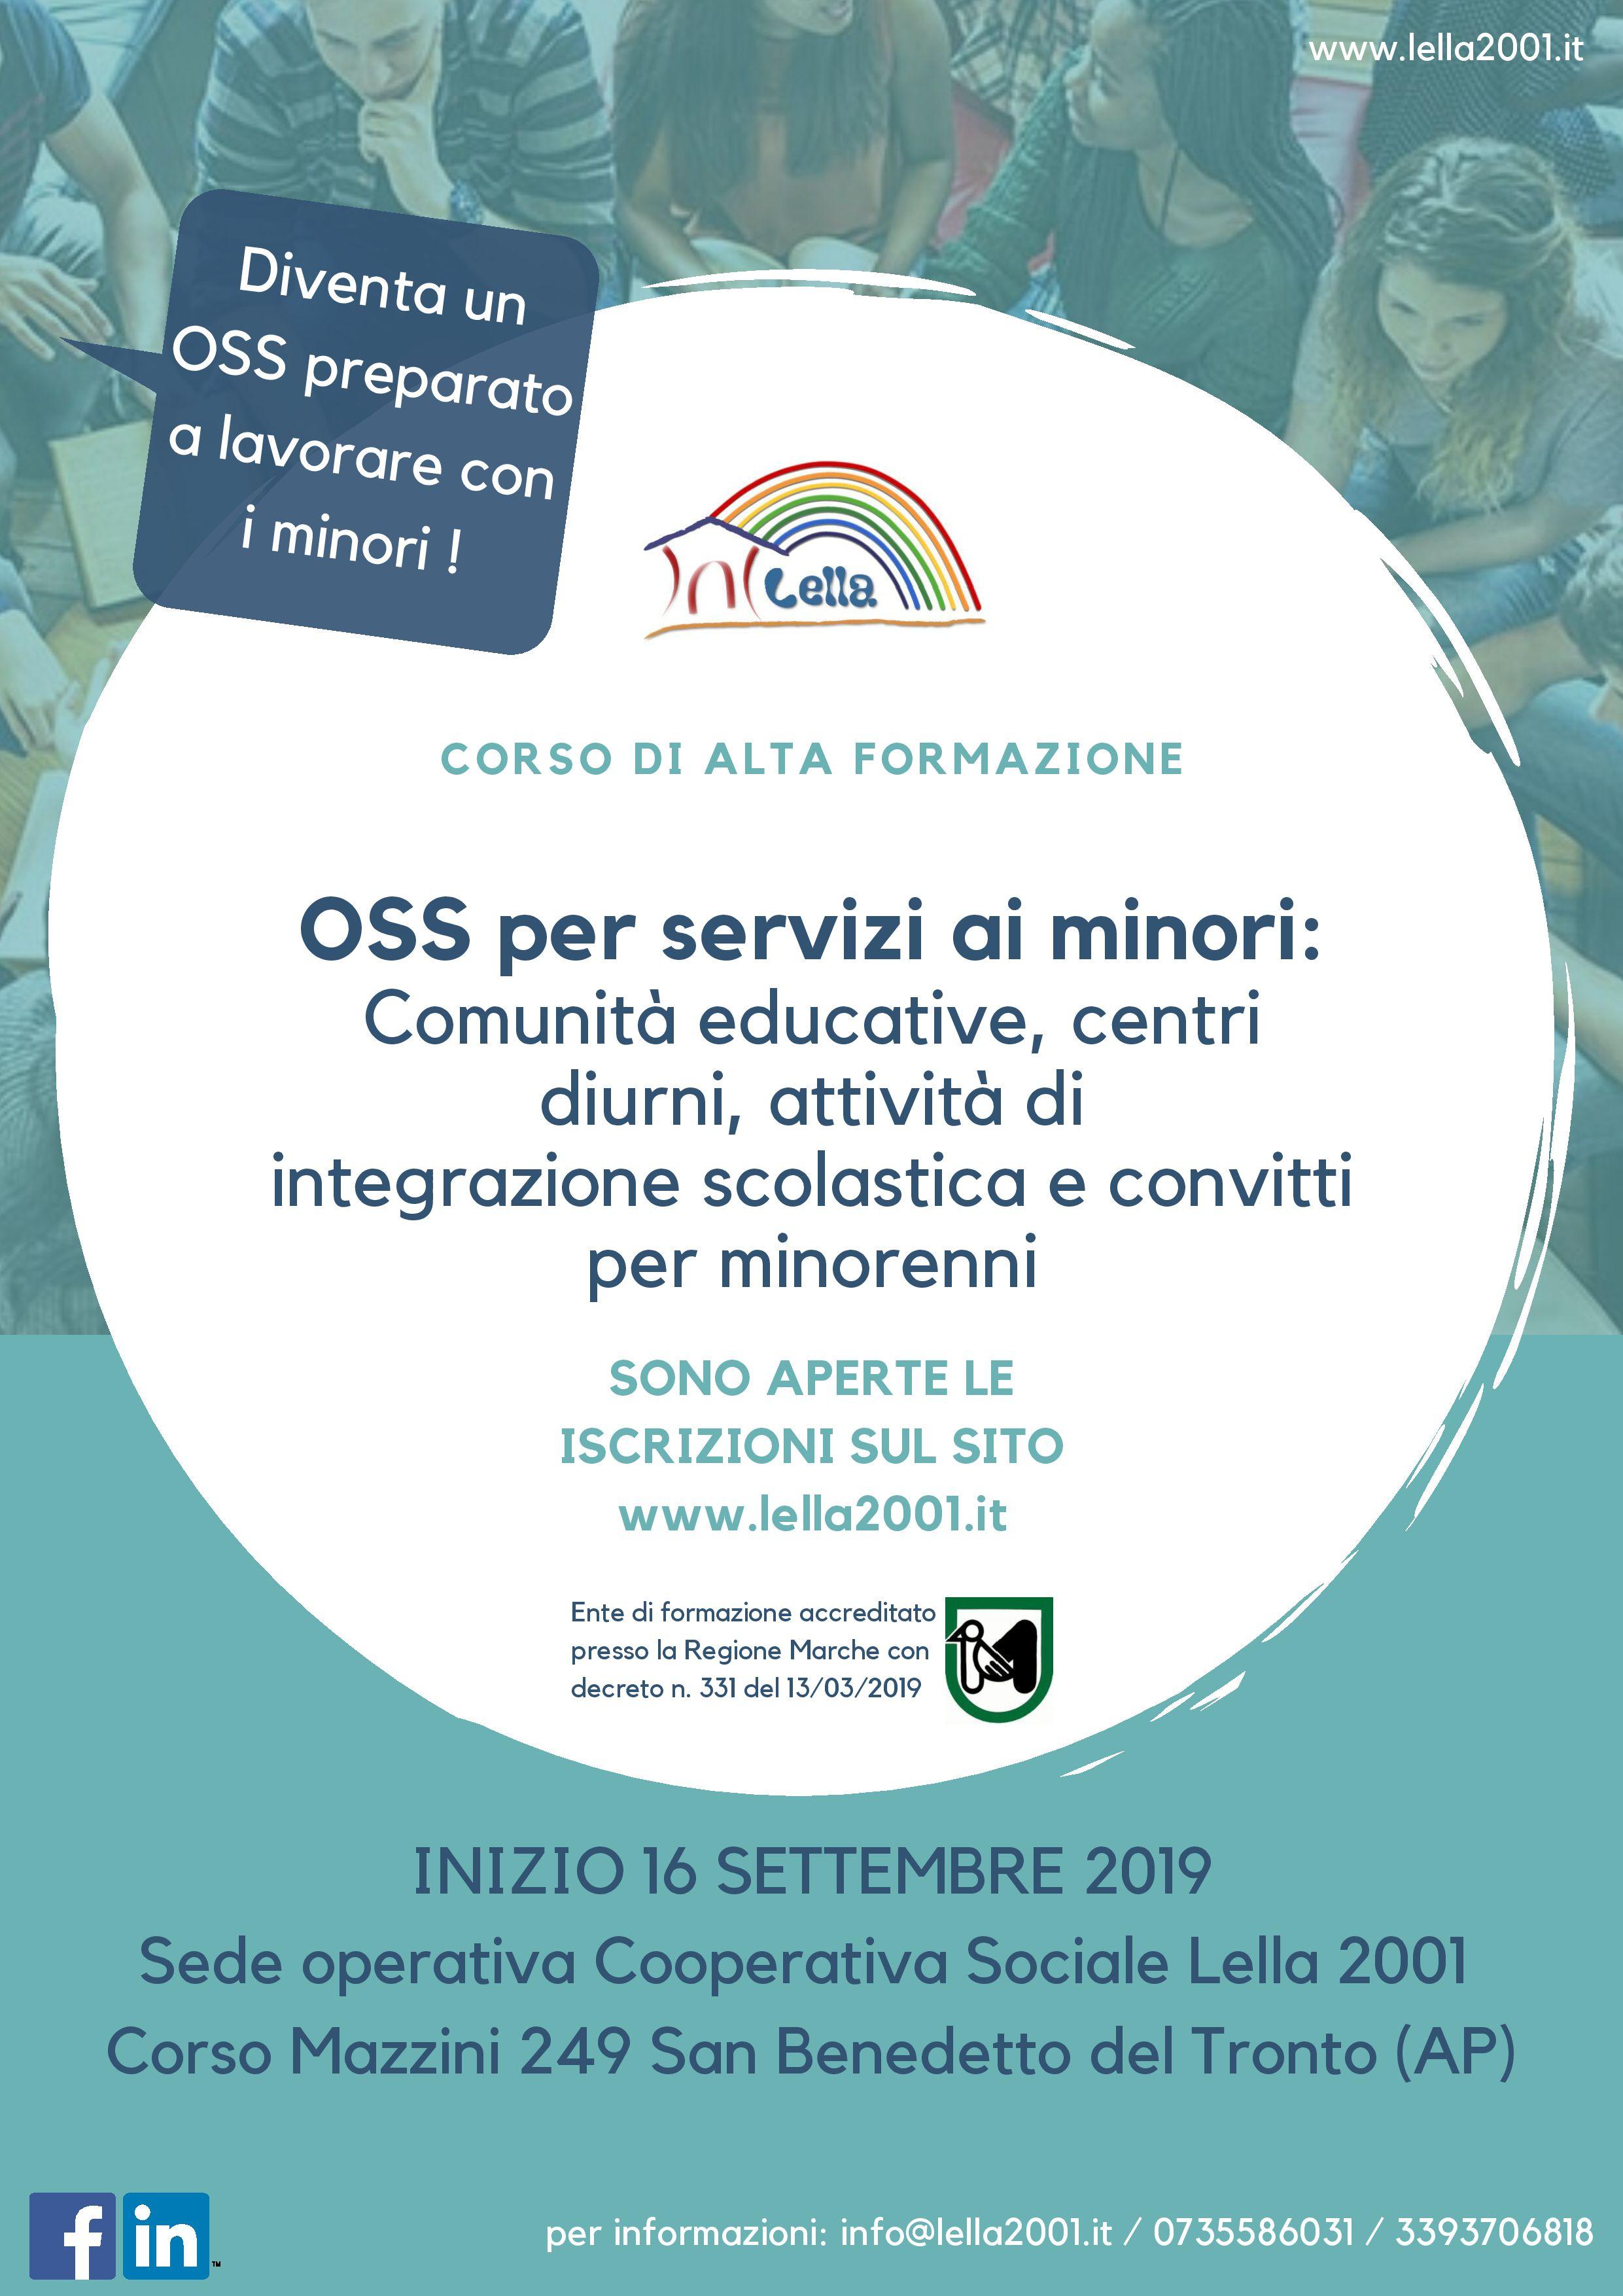 Corso OSS per comunità educative minorenni